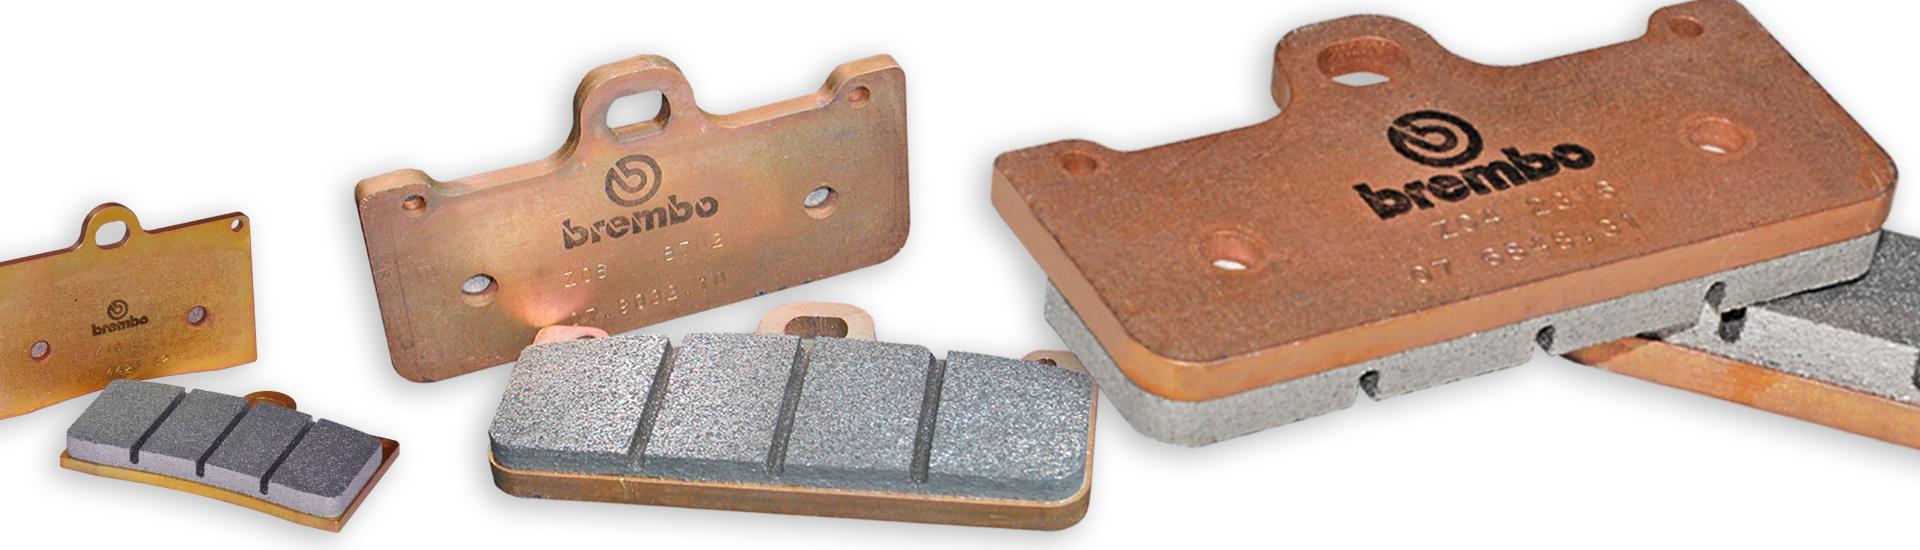 Brembo: pastiglie Mescola Z04 - Accessori - Moto.it